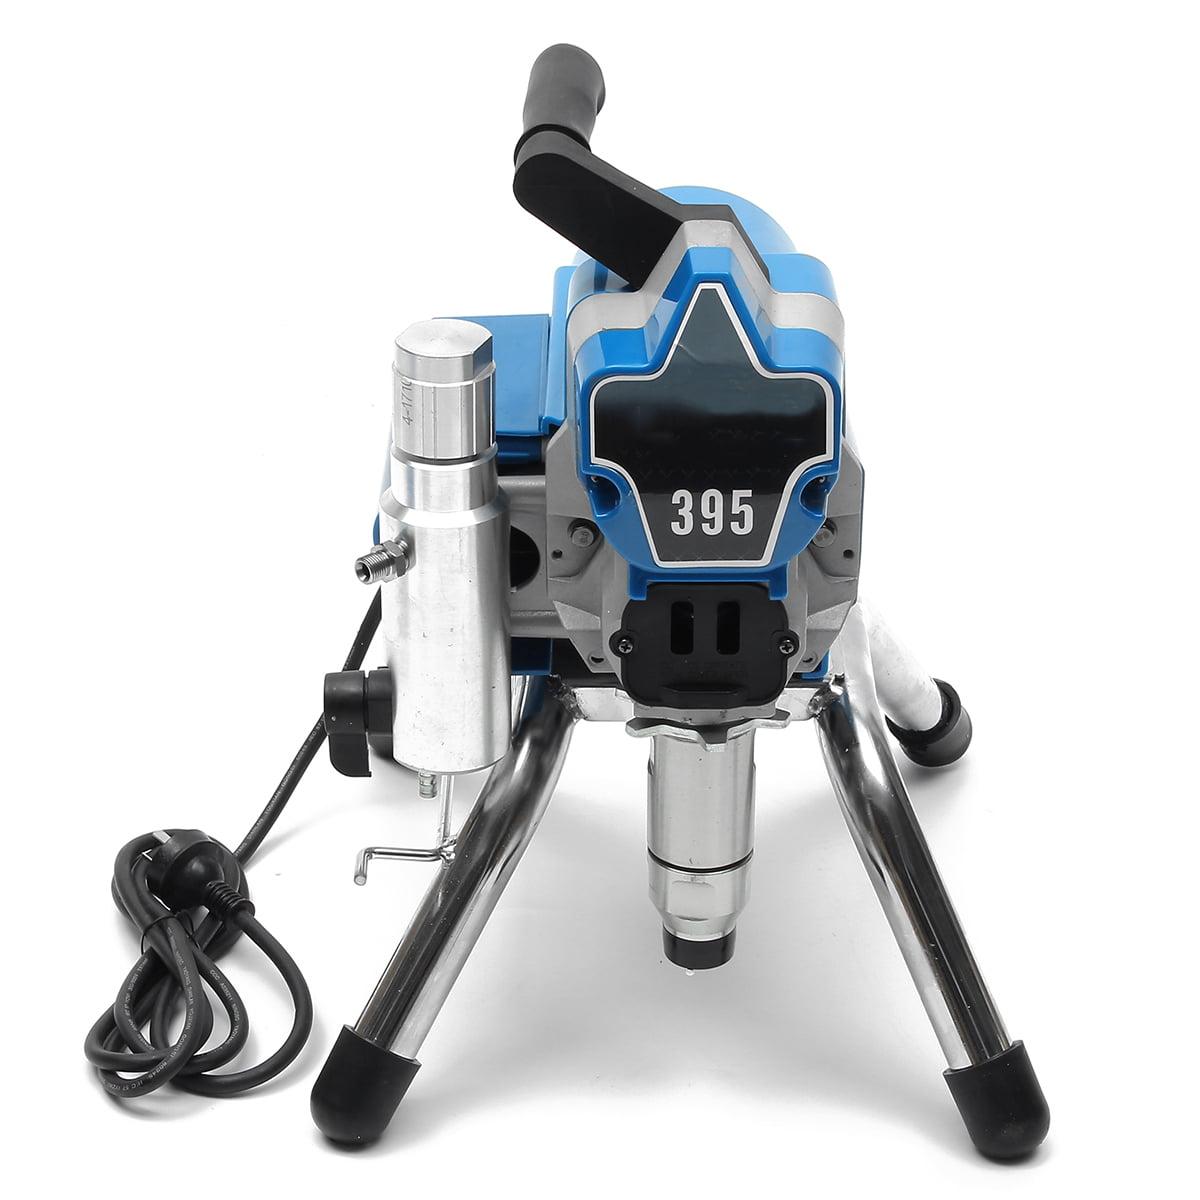 Moaere 220V High Pressure 395 Airless Paint Spray Gun Spraying Machine 3000PSI